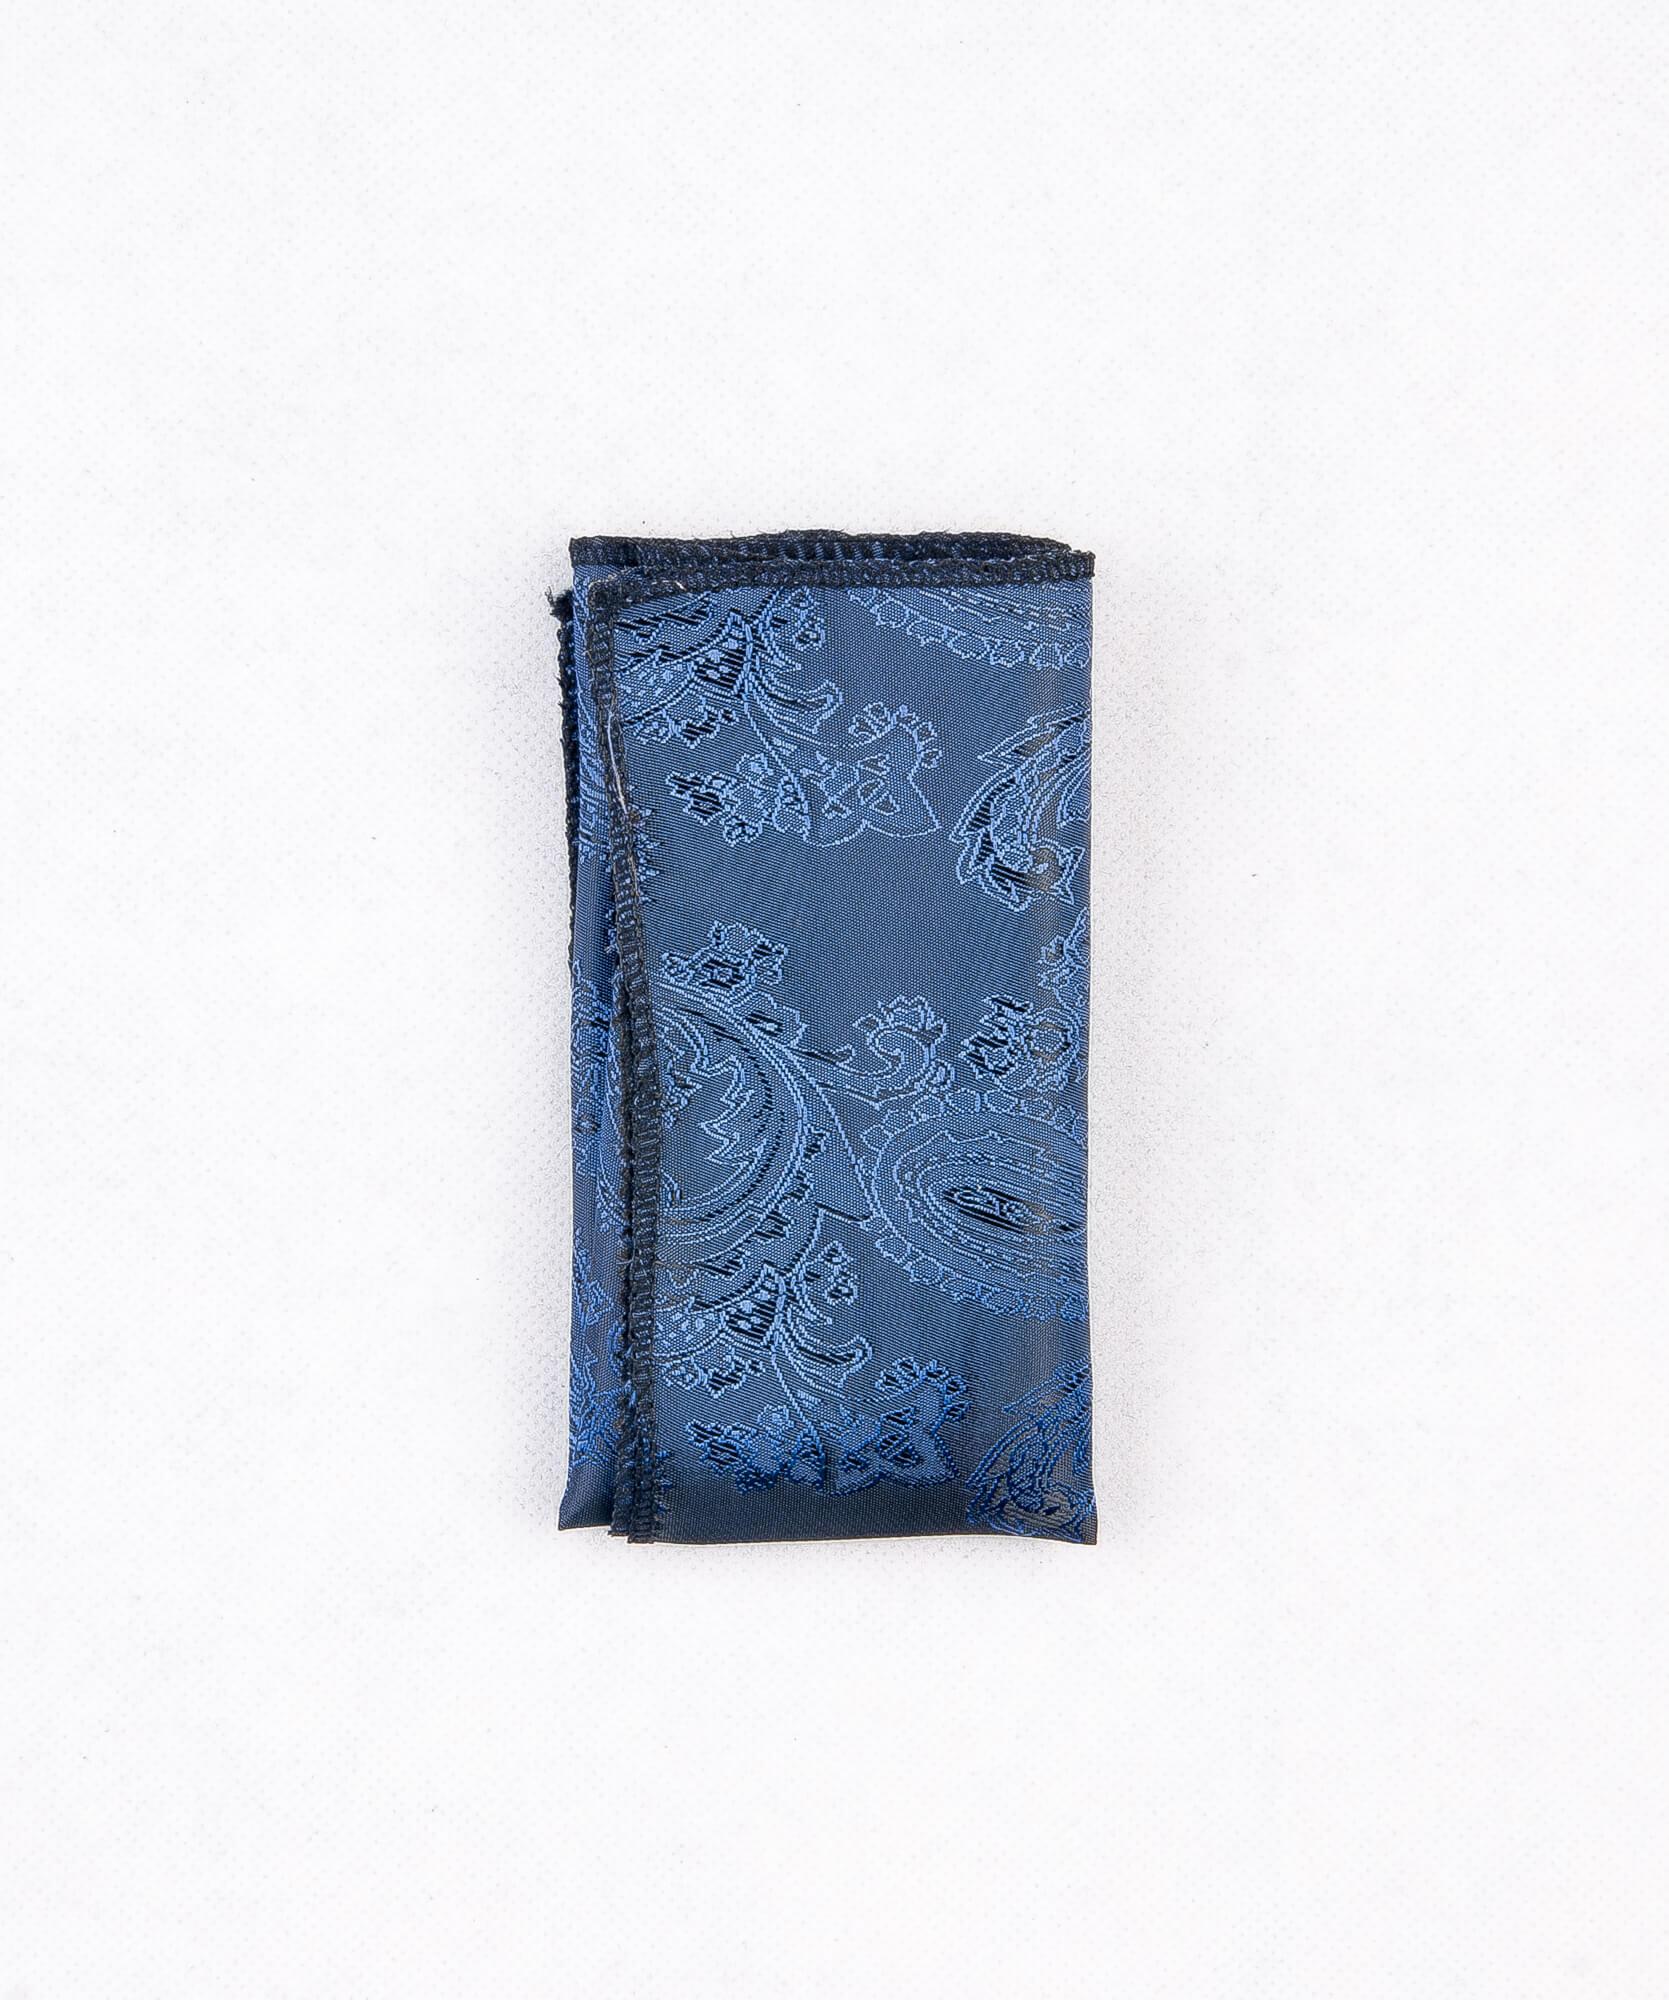 دستمال جیب طرح دار رنگ سرمه ای PS1021